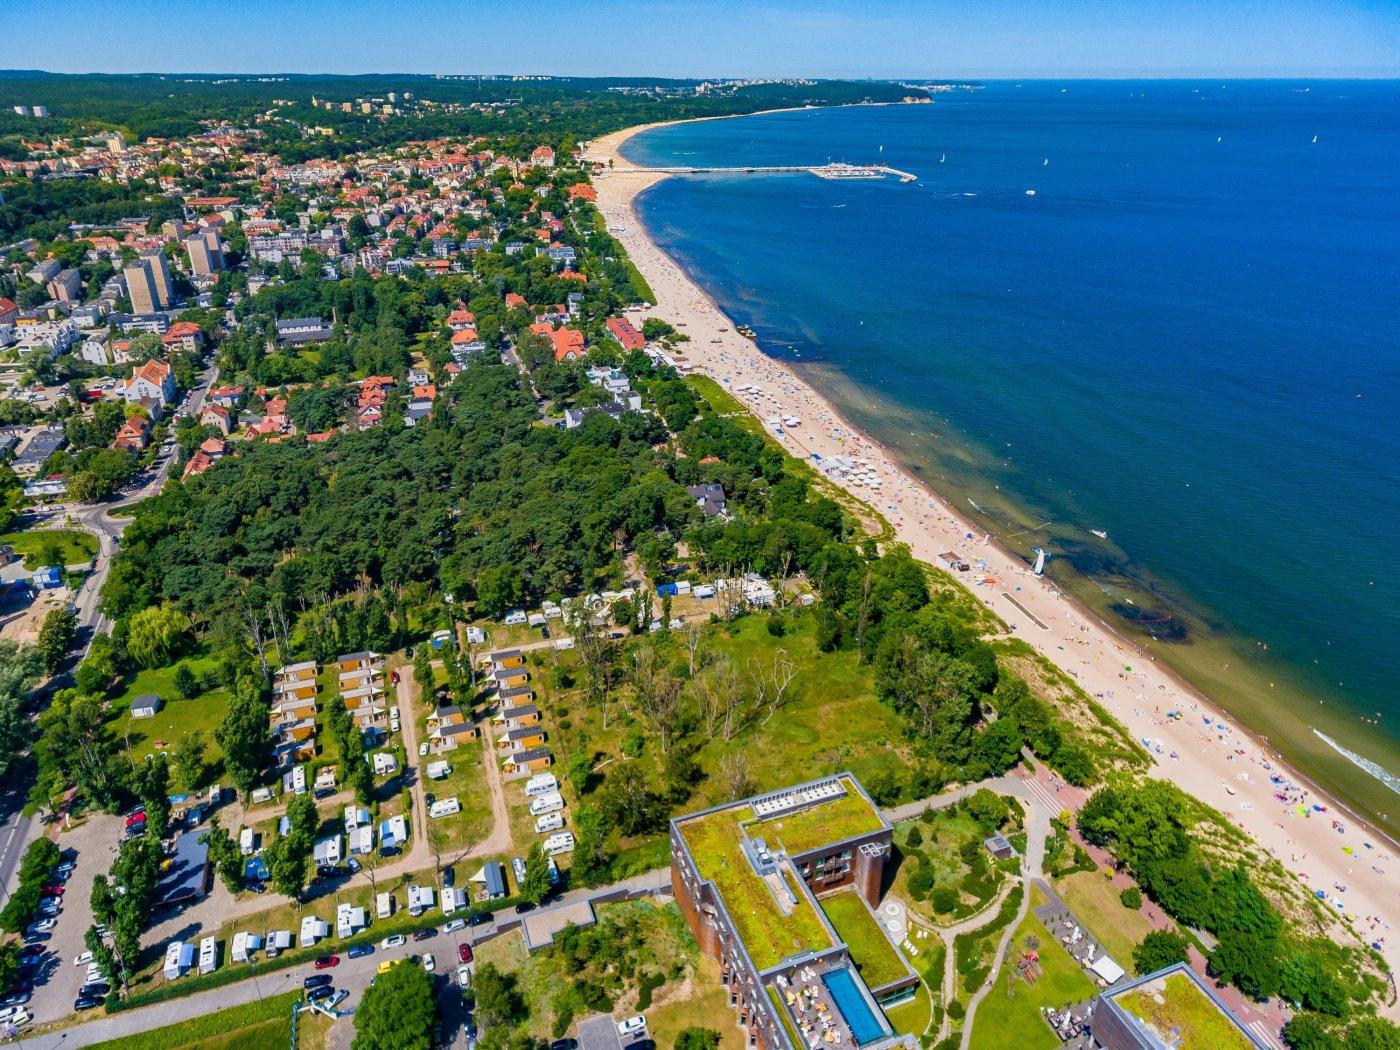 Ośrodek Sopot 34 zlokalizowany przy samej plaży